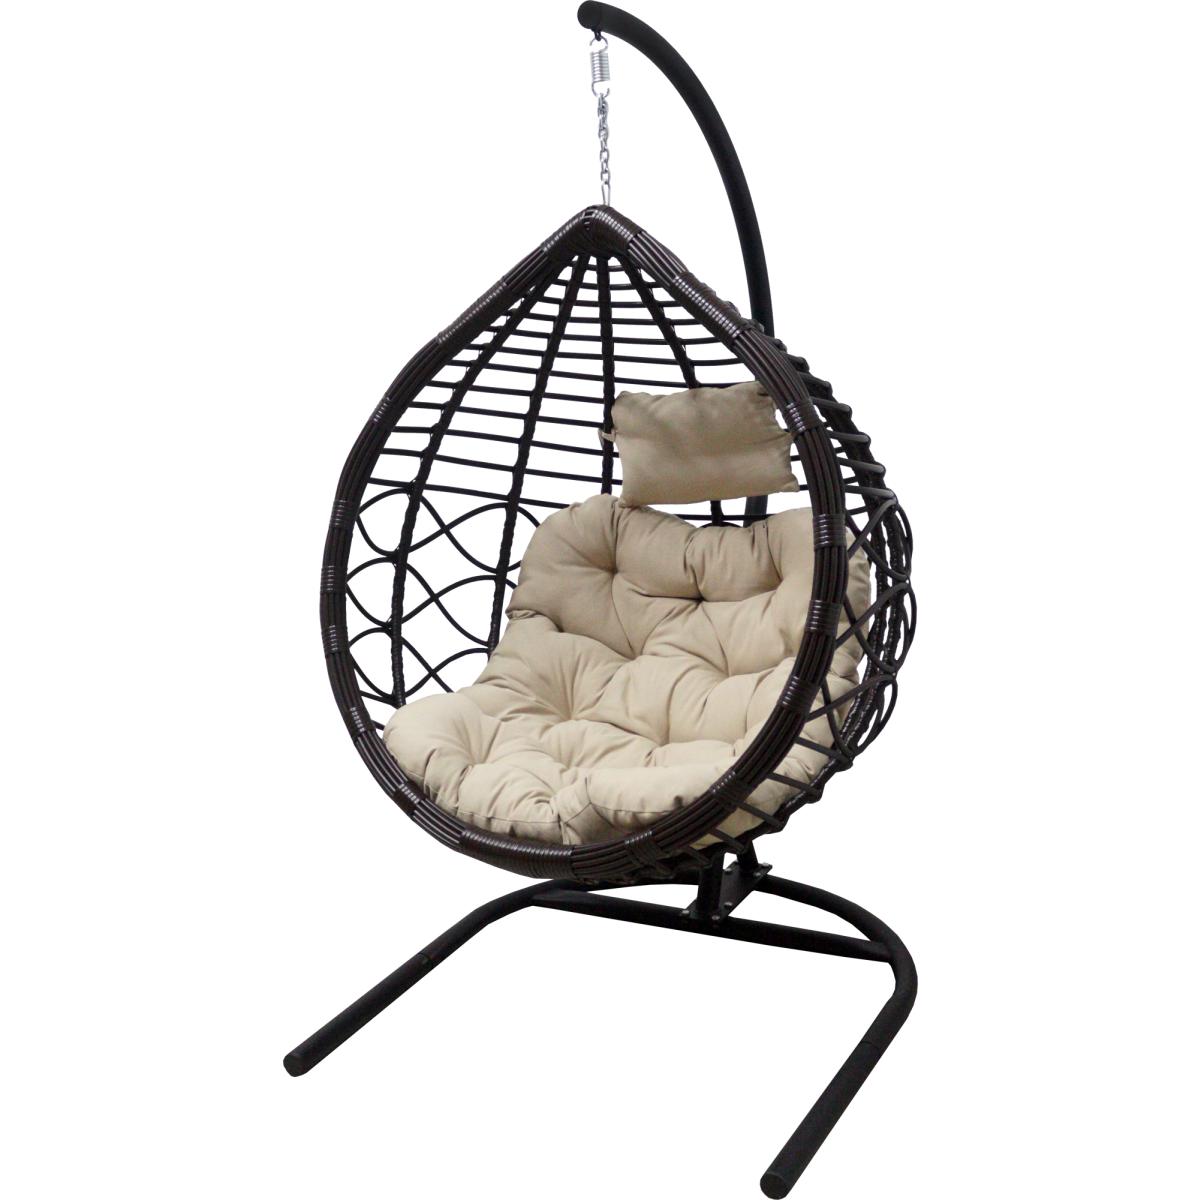 Кресло Подвесное С Опорой Veil 2 102x200x126 Искусственный Ротанг Темно-Коричневый/Бежевый